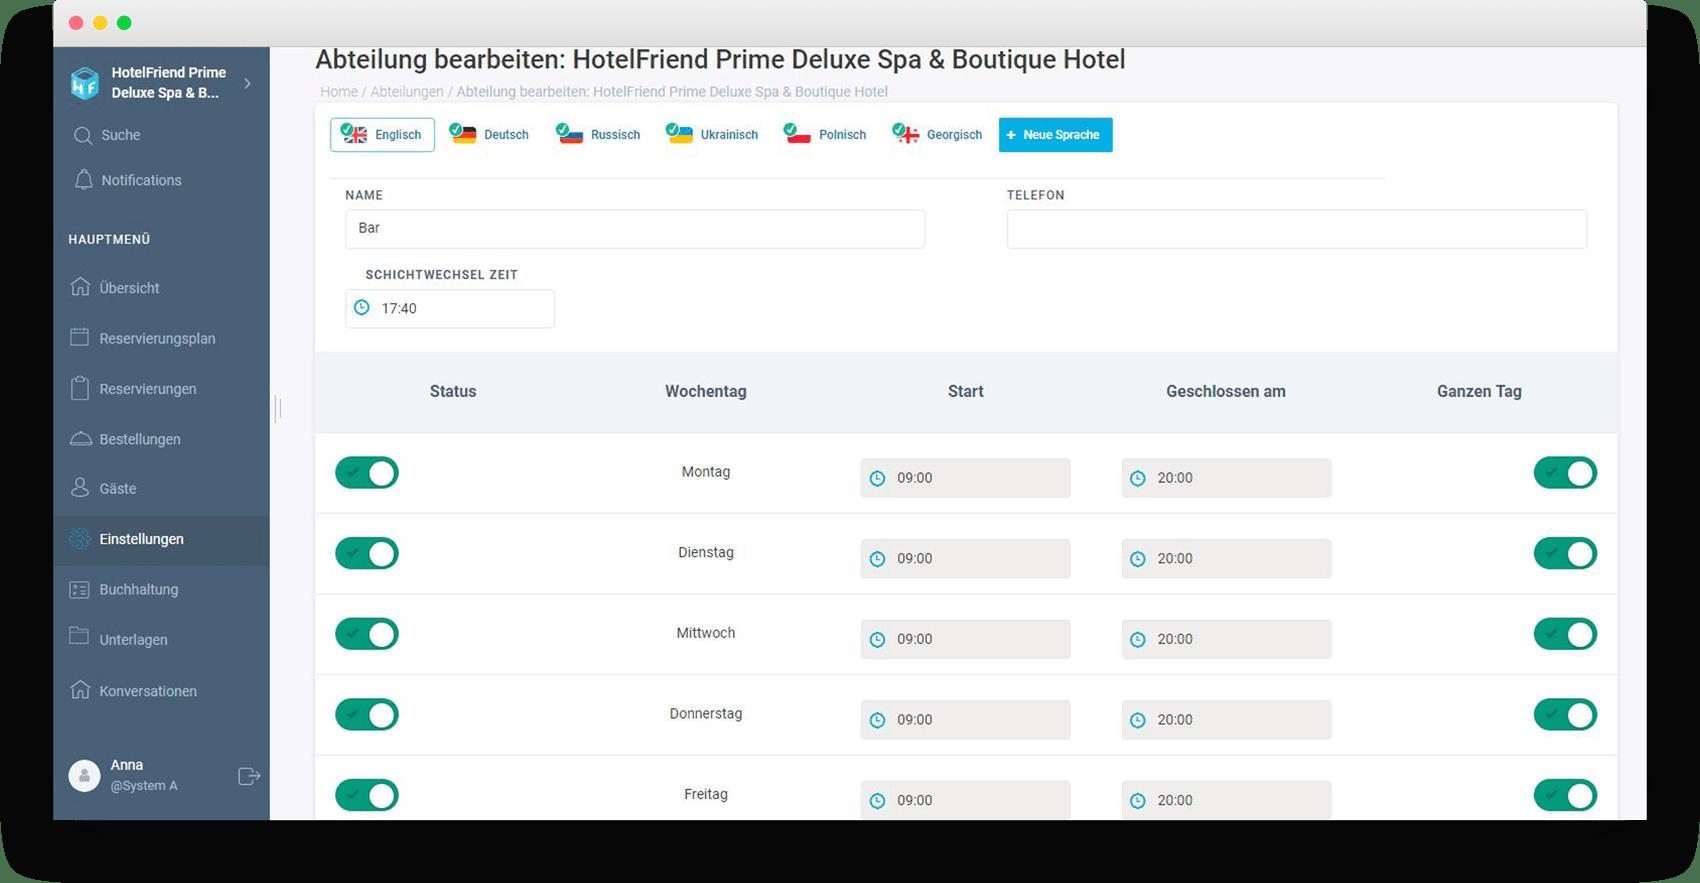 Übersetzung von Abteilungen hinzugefügt - HotelFriend Portal